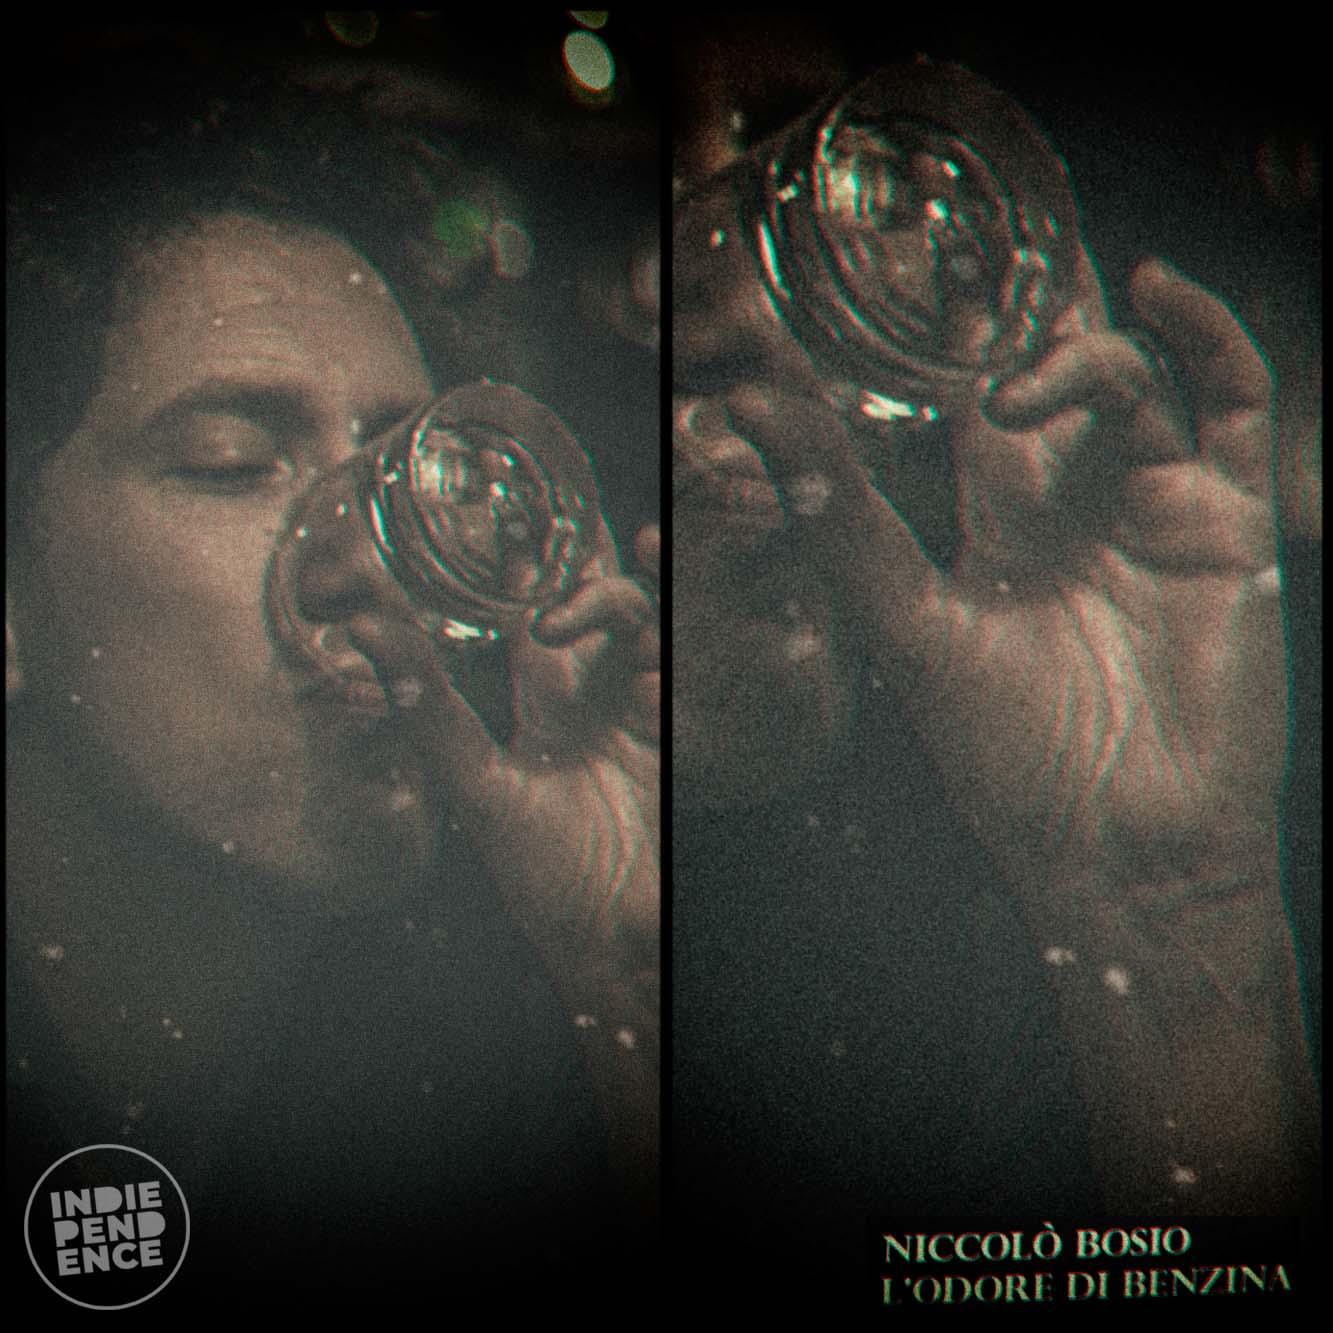 L'odore_di_Benzina_Niccolò_Bosio_cover_album